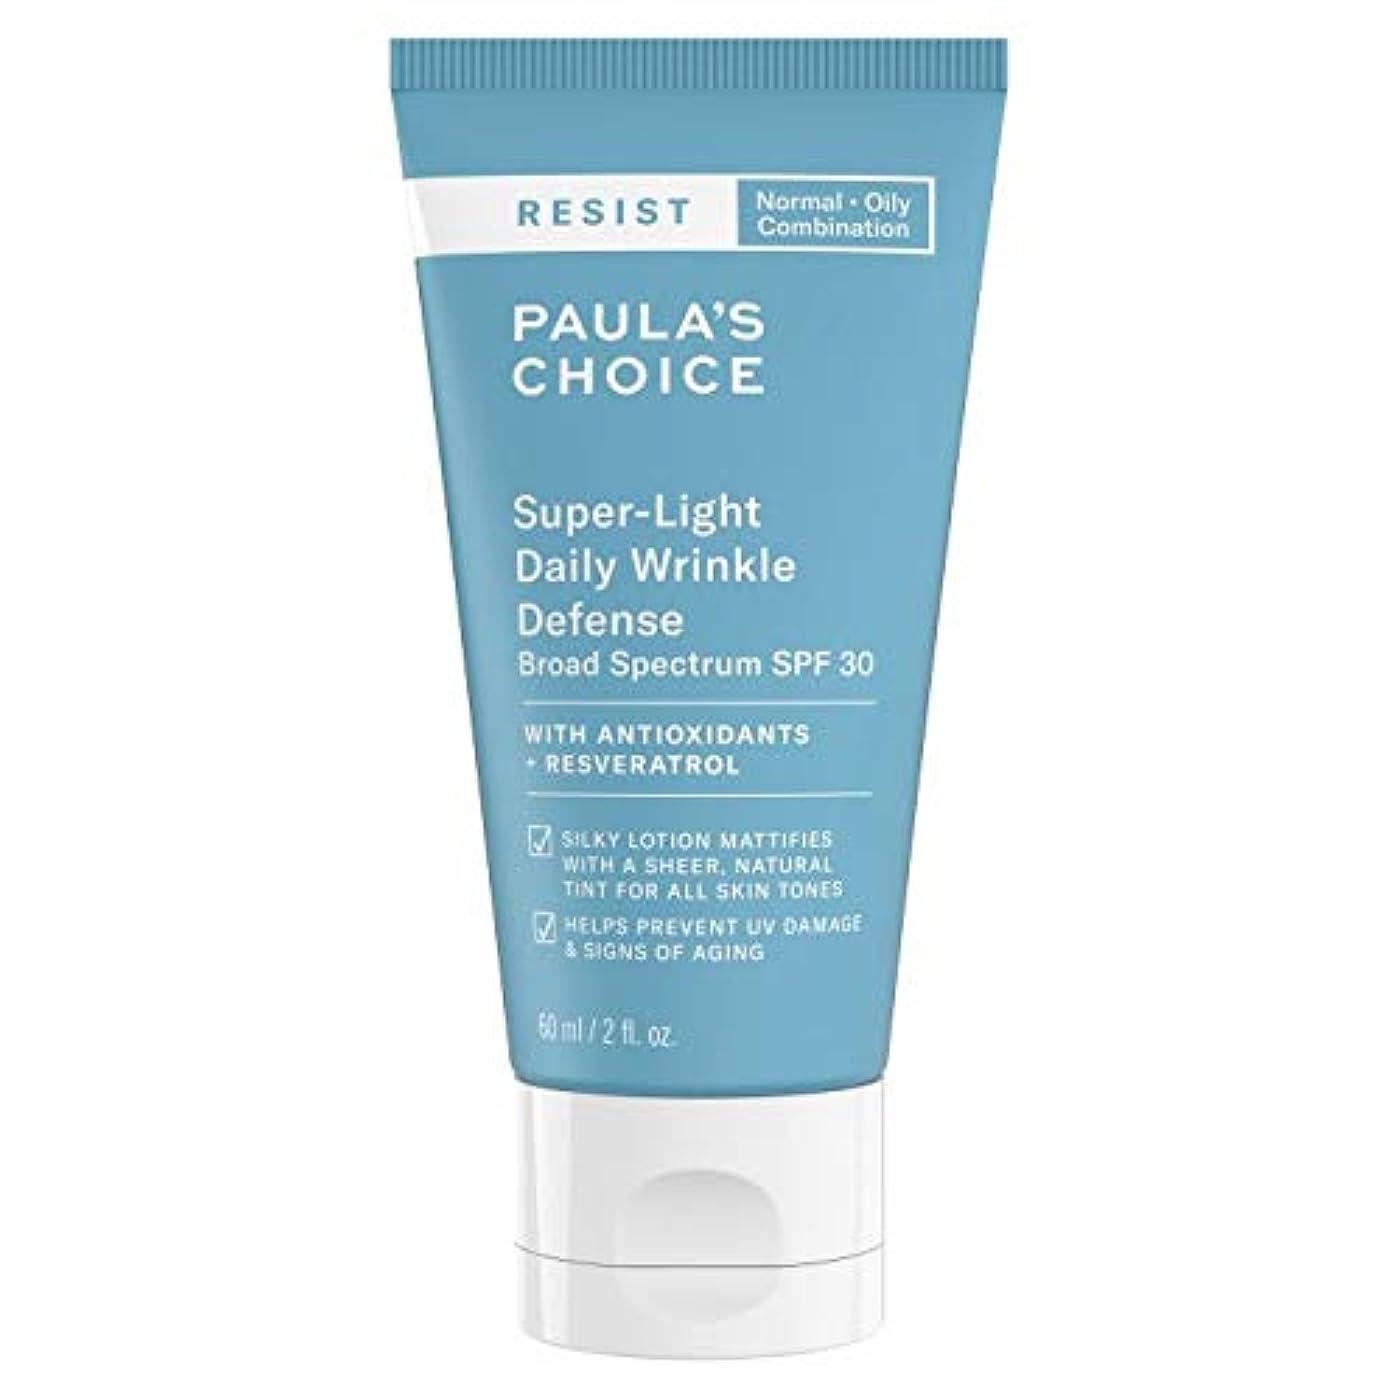 アグネスグレイスタック迷彩ポーラチョイス レジスト スーパーライト 毎日のしわの防衛 サンスクリーン (60ml) SPF30 / Paula's Choice Resist Super-Light Daily Wrinkle Defense Sunscreen